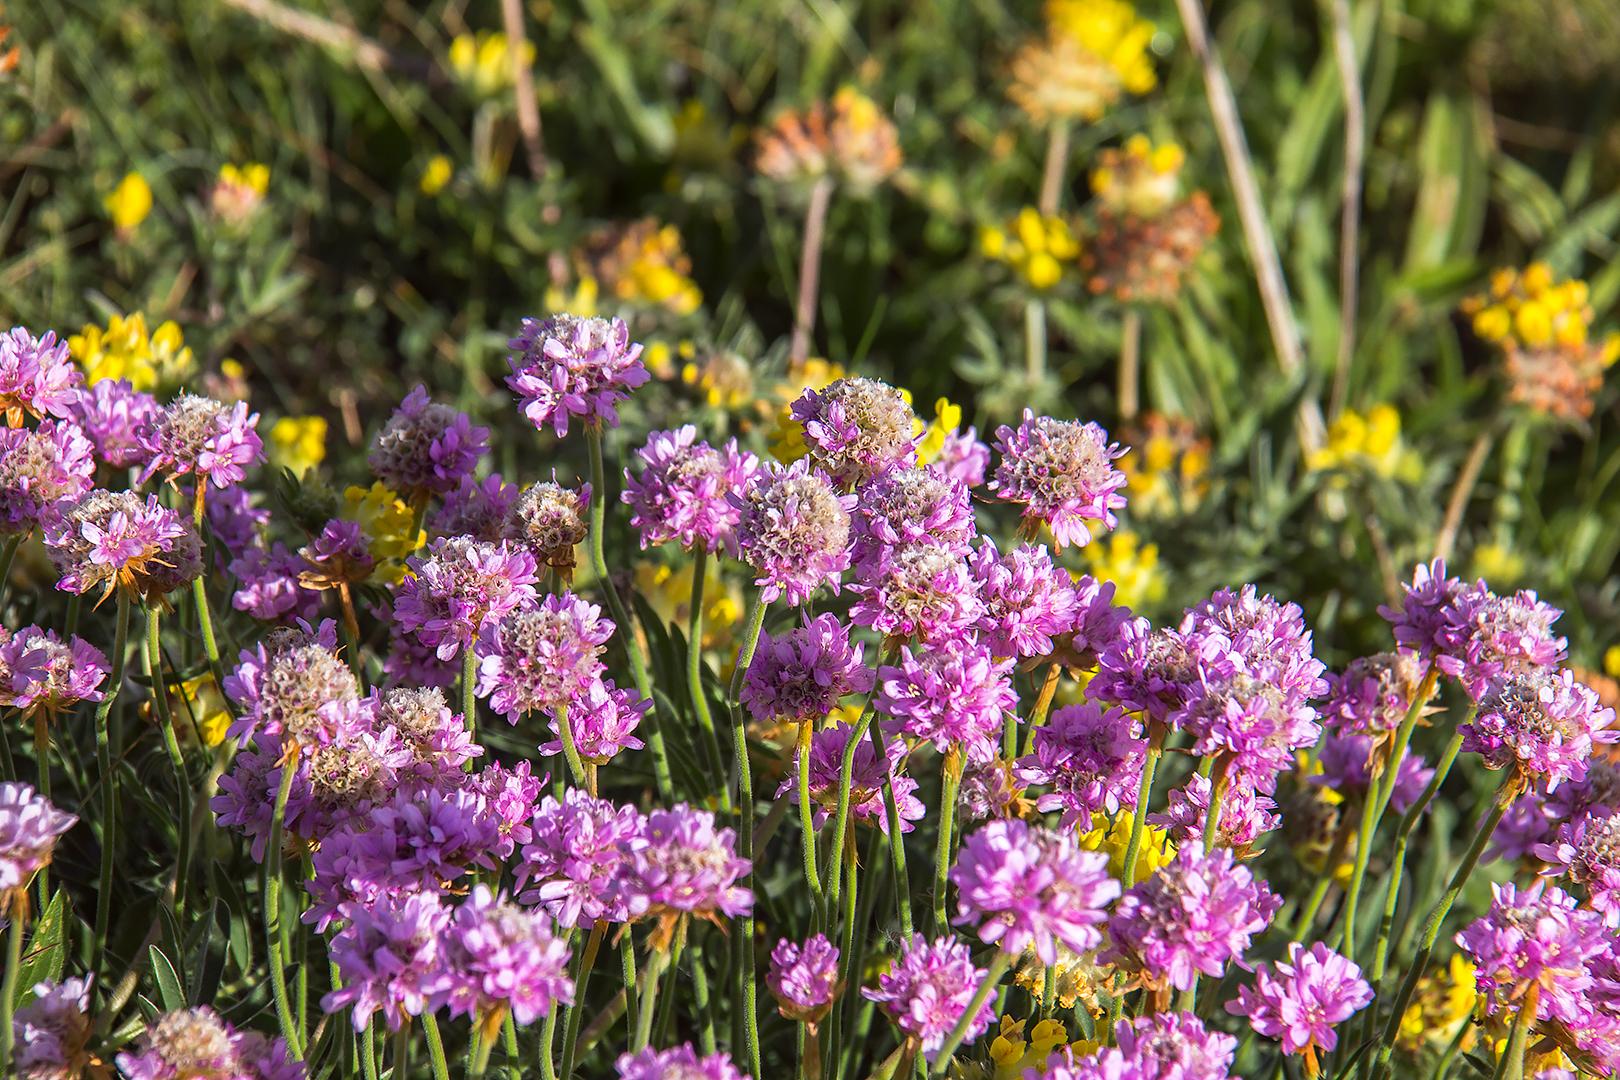 Wildflowers in Cornwall